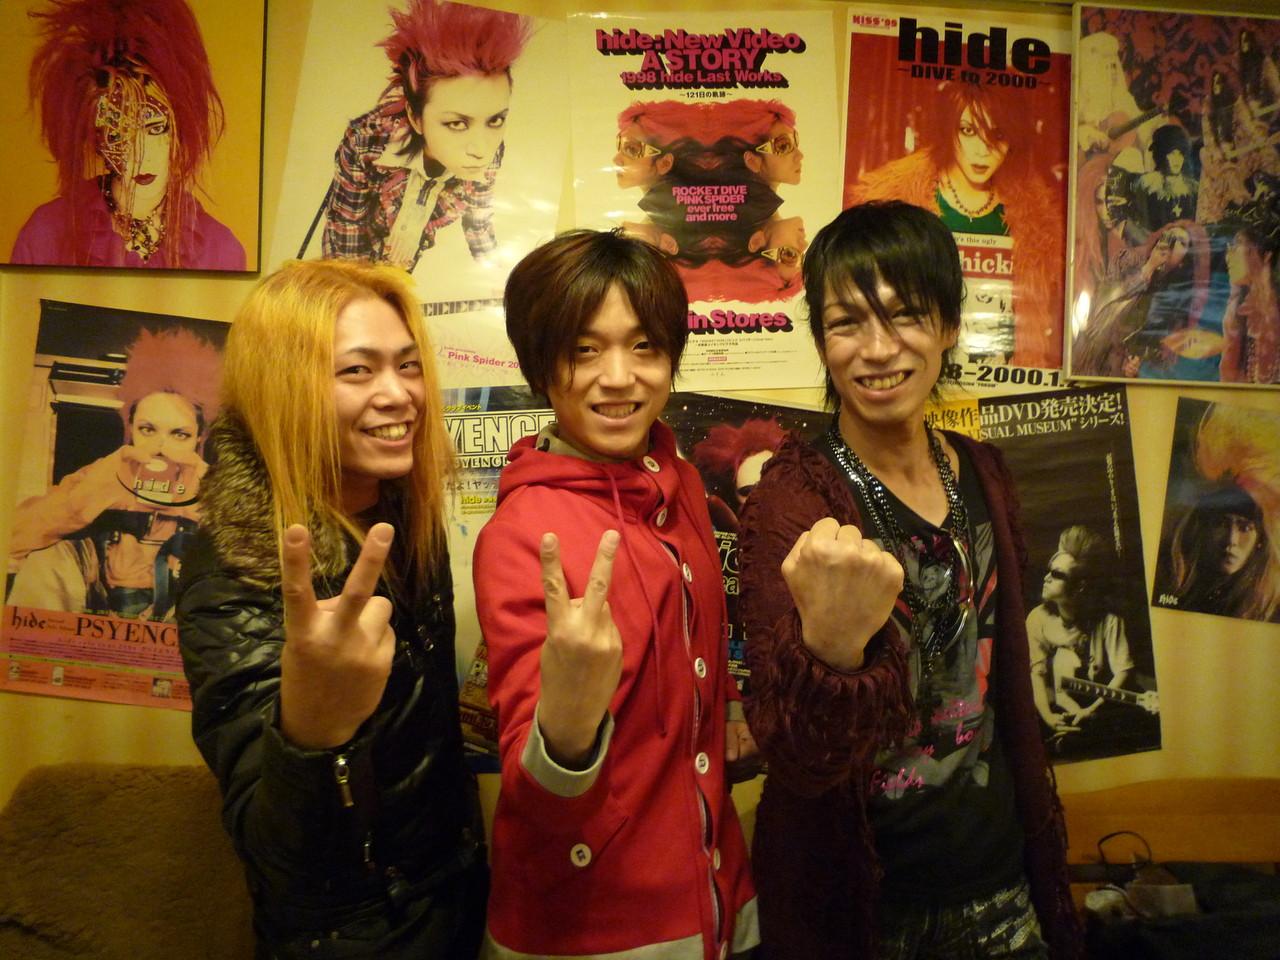 CUTTさん、YUSHIさん、Take 「じゃんけん・・・ぽん!」おっ!Takeの勝ち~\(^^)/